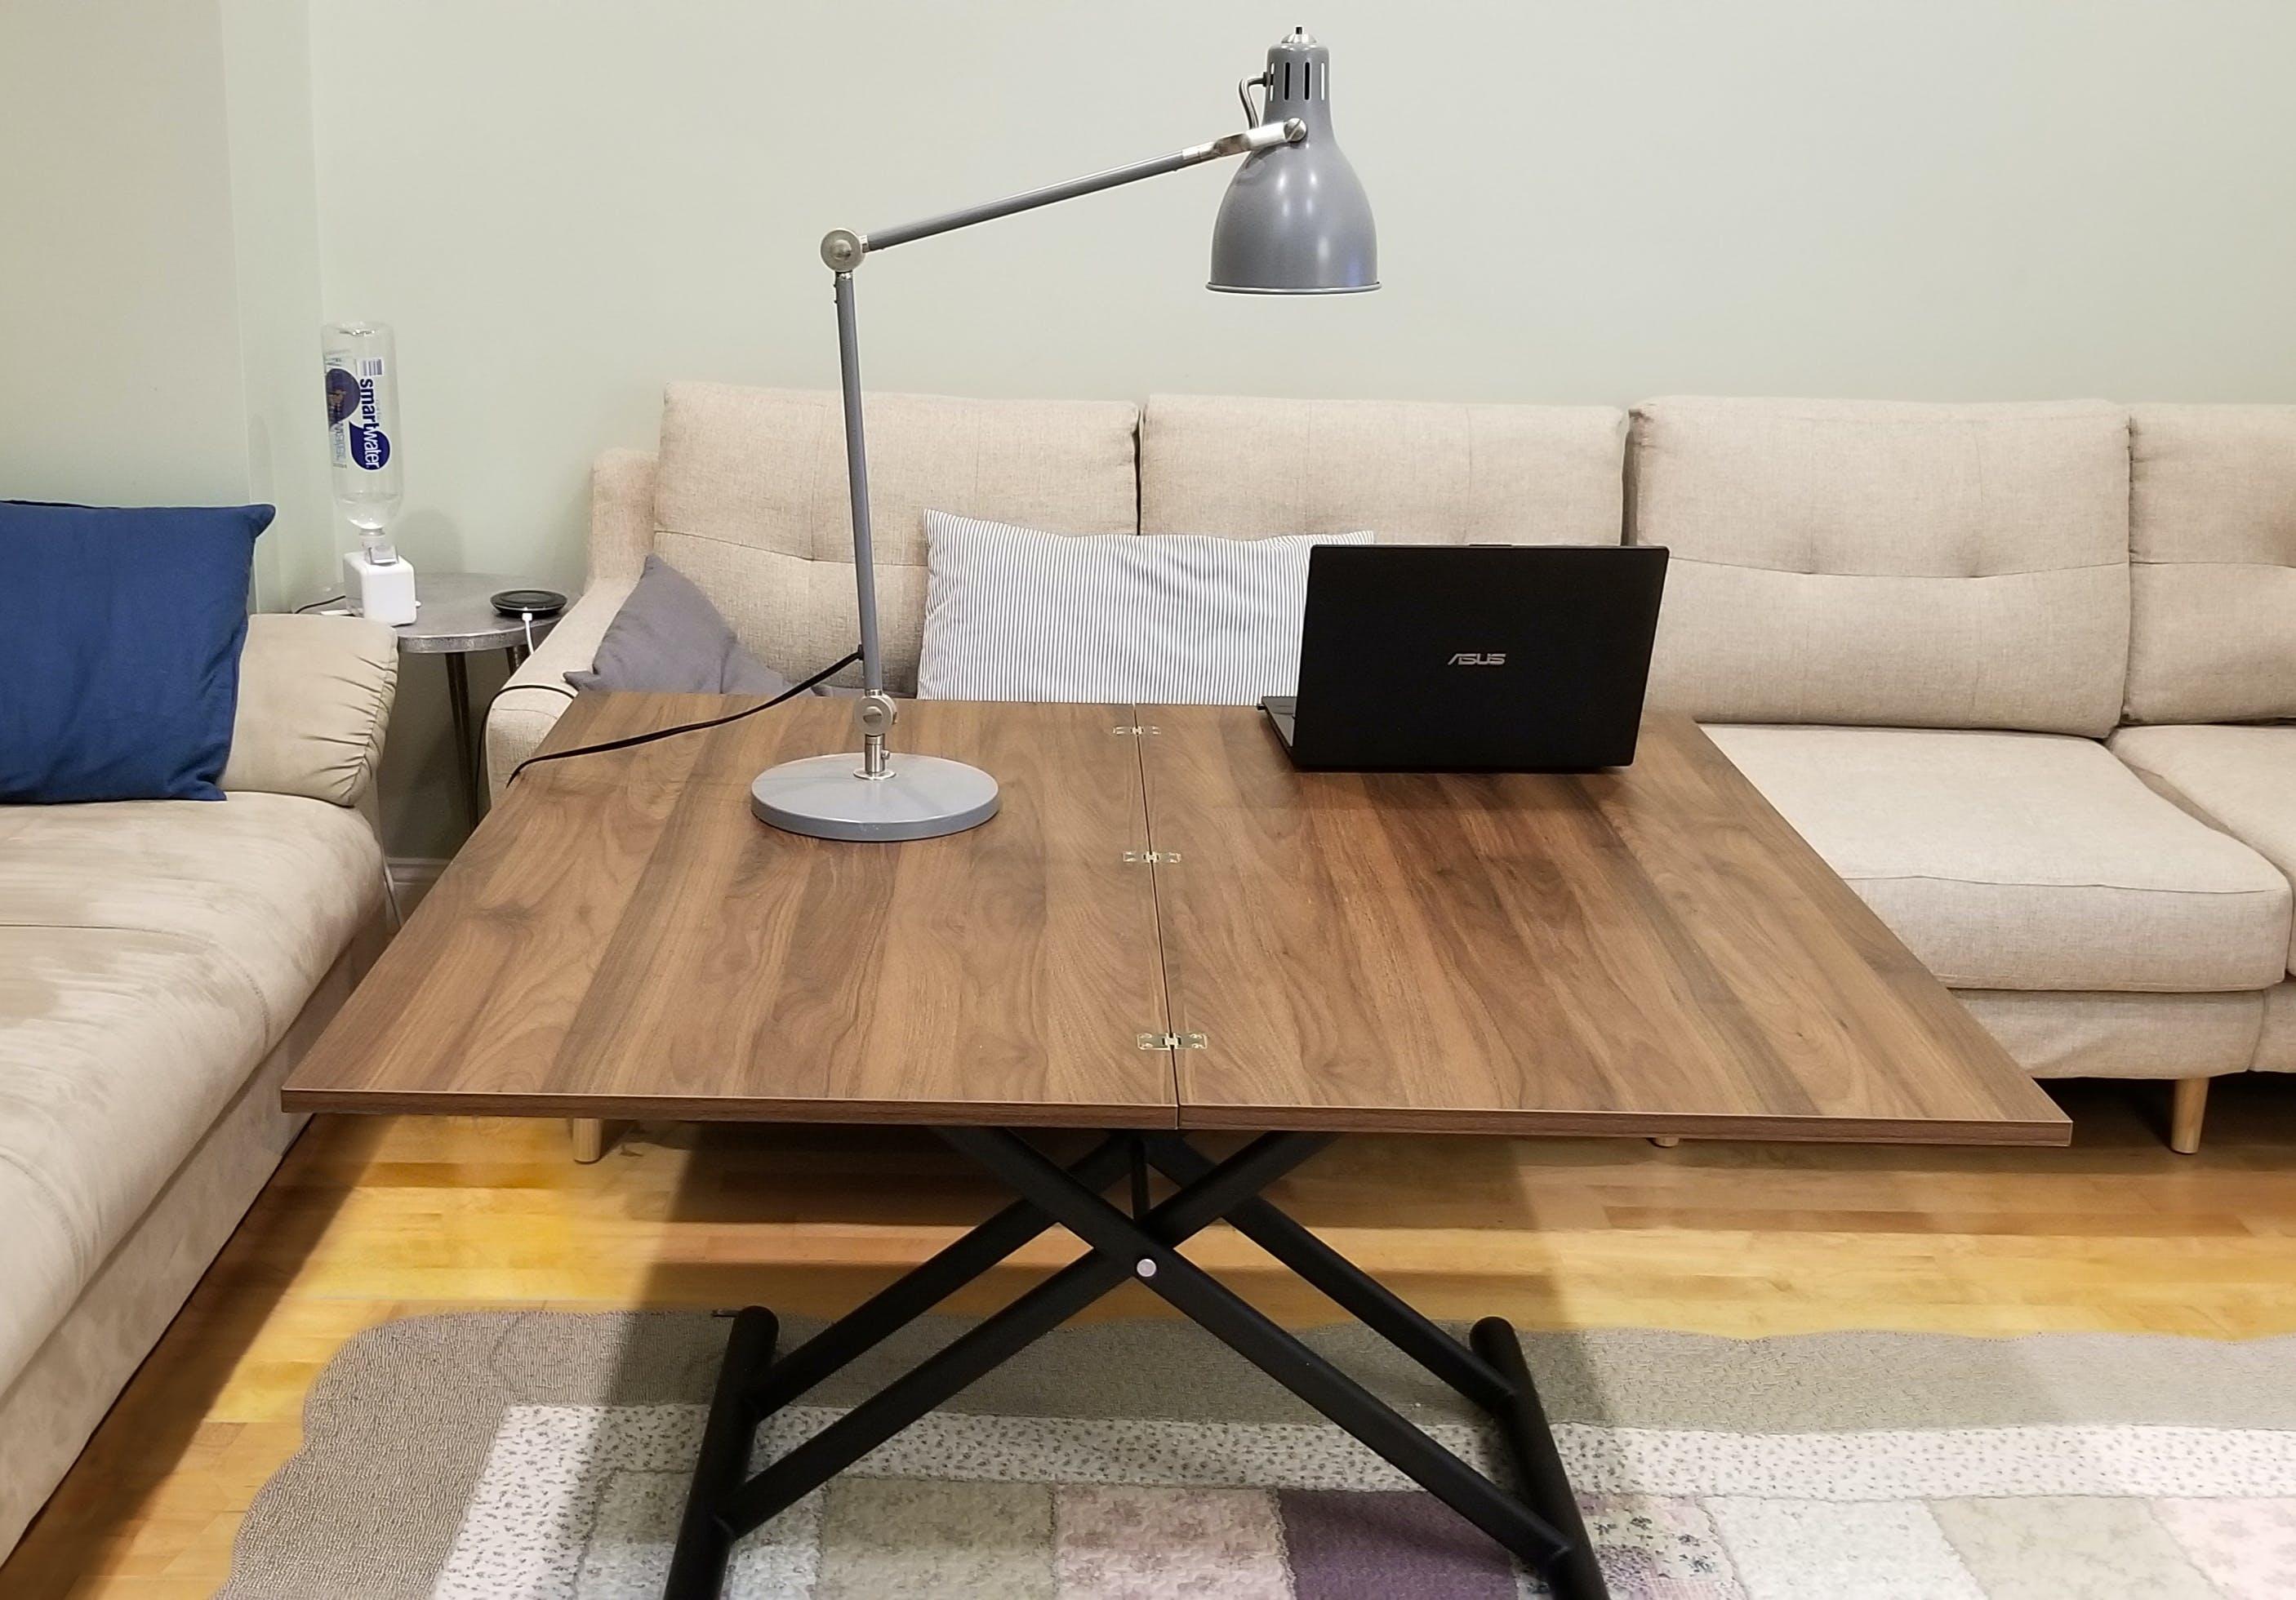 Alzare Square Transforming Coffee Table